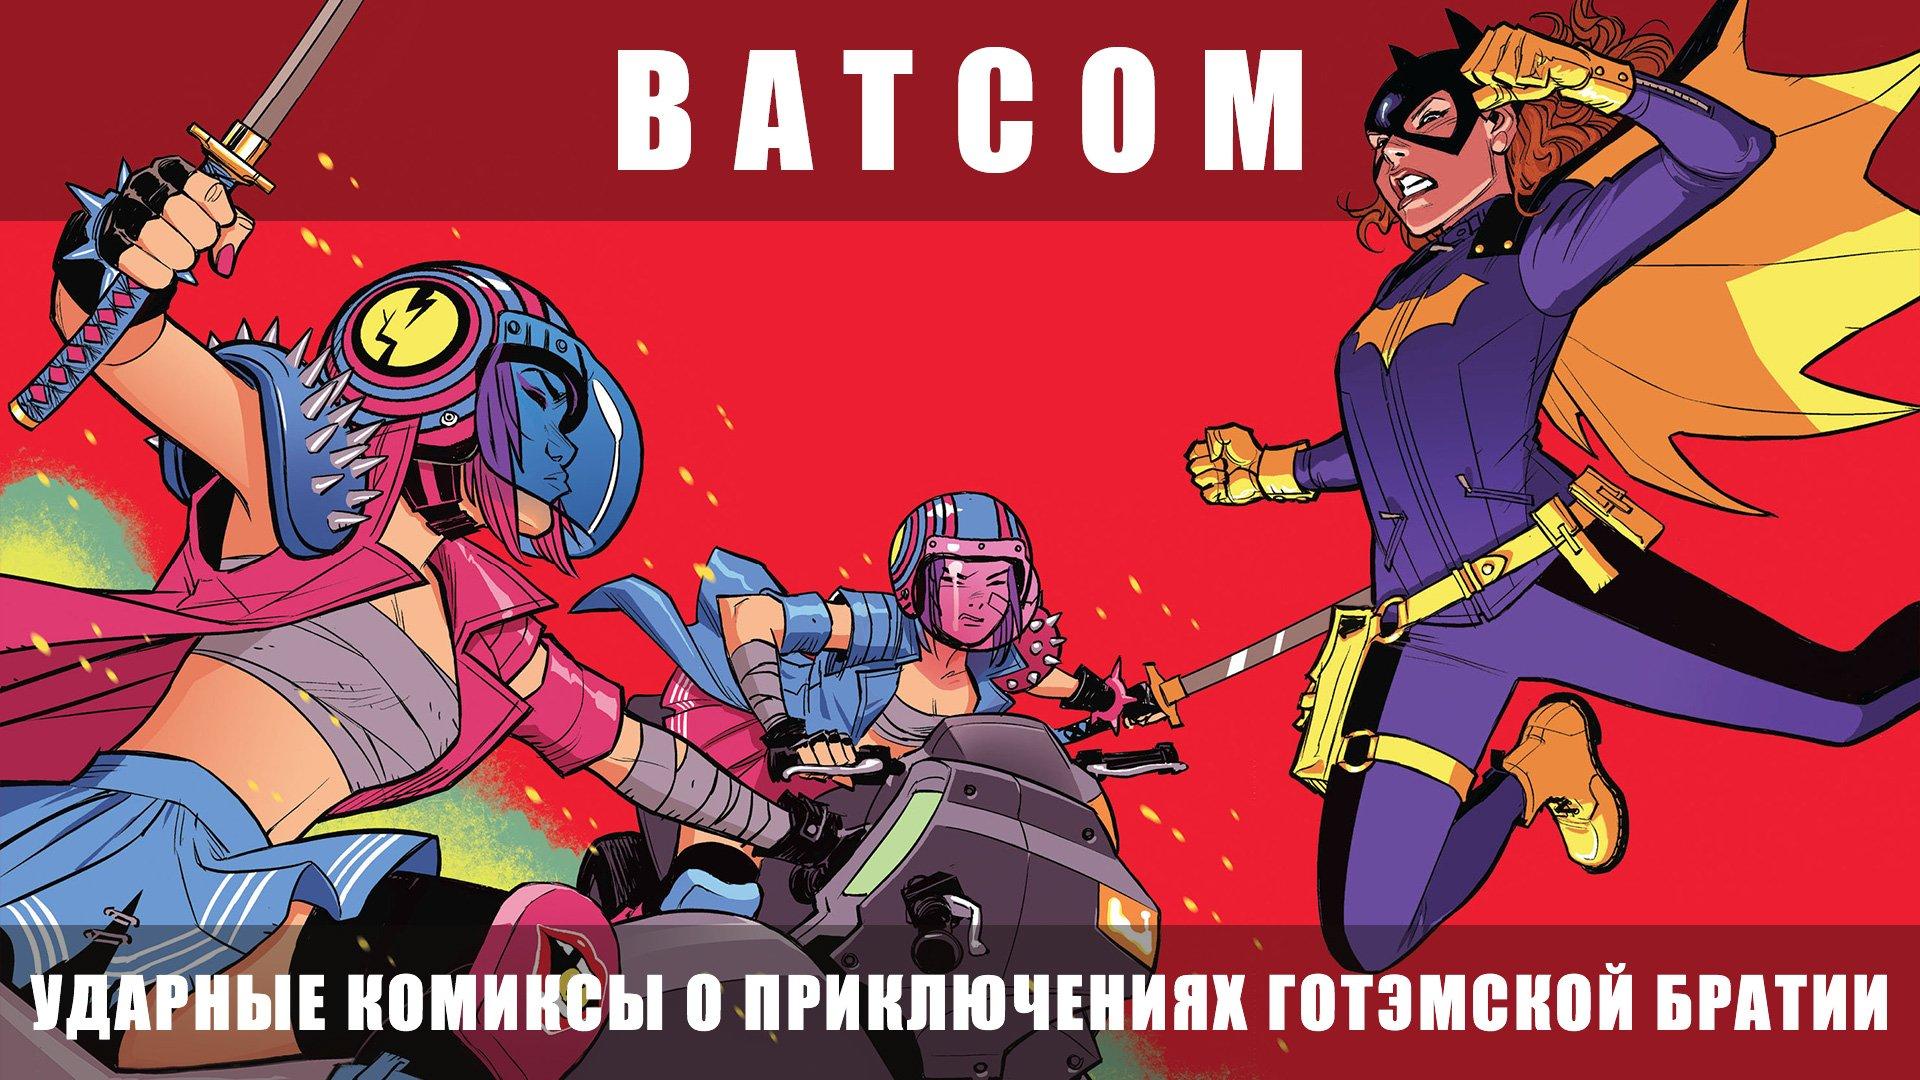 Переводы комиксов DC от D.Crane - Изображение 1